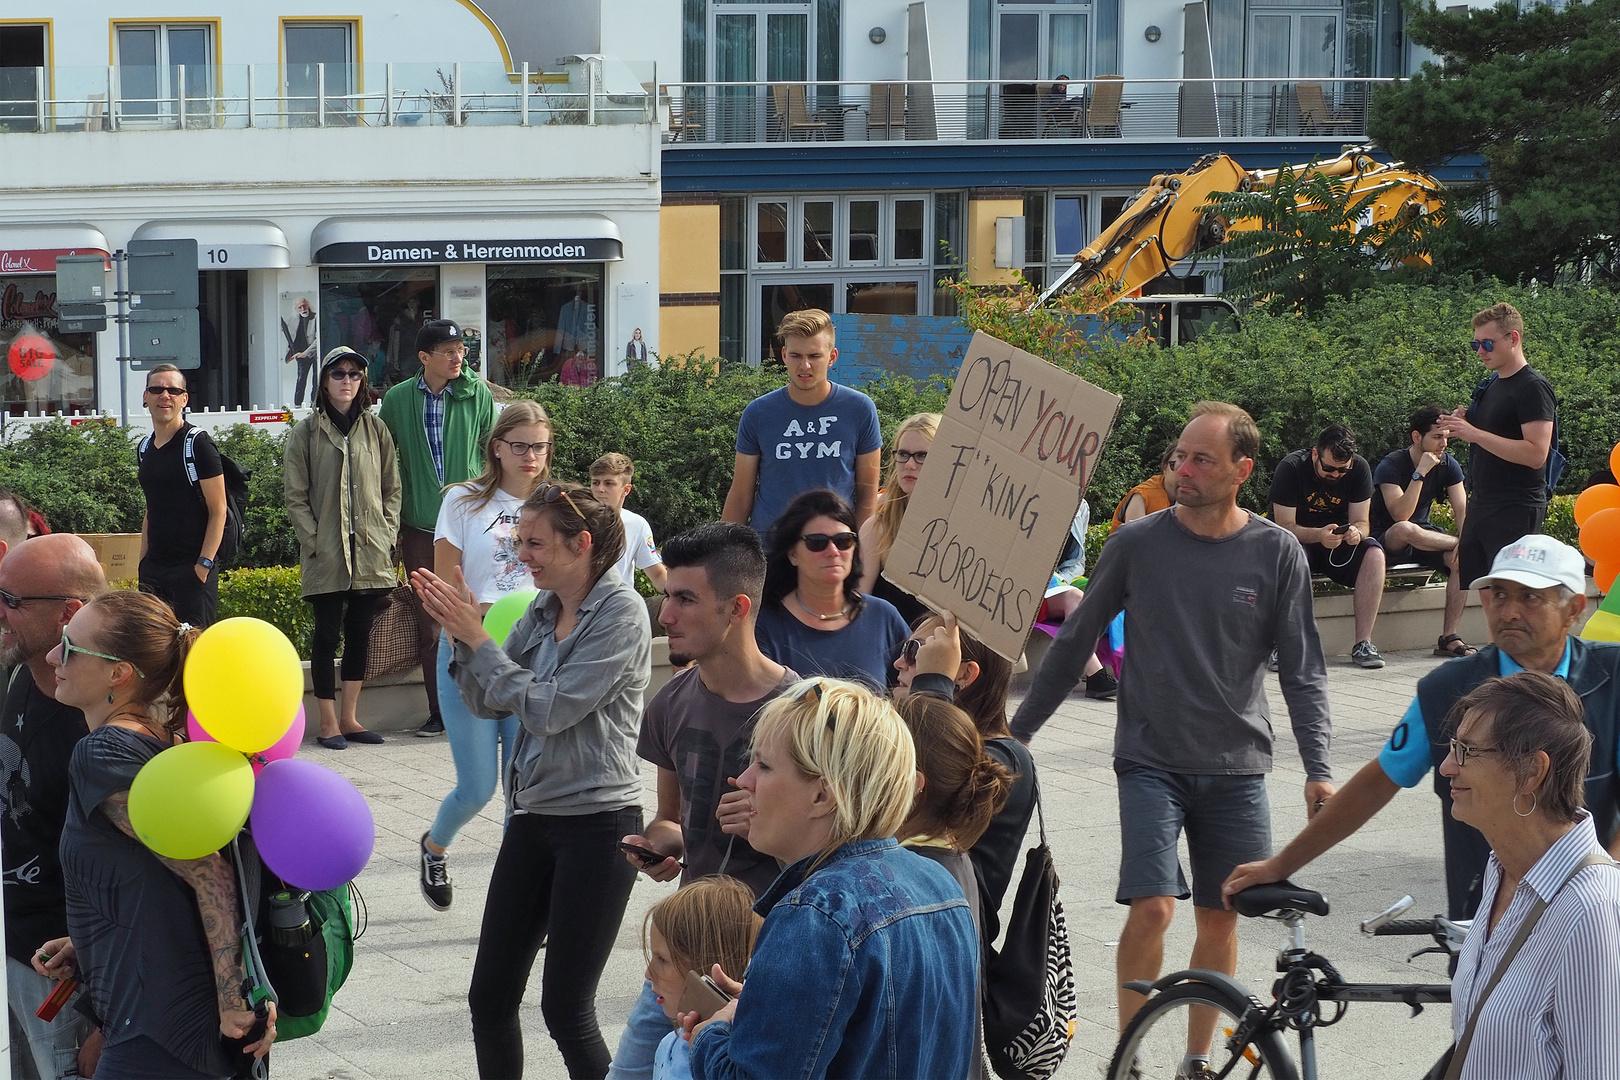 AFD Kundgebung und Gegendemo in Warnemünde (8)